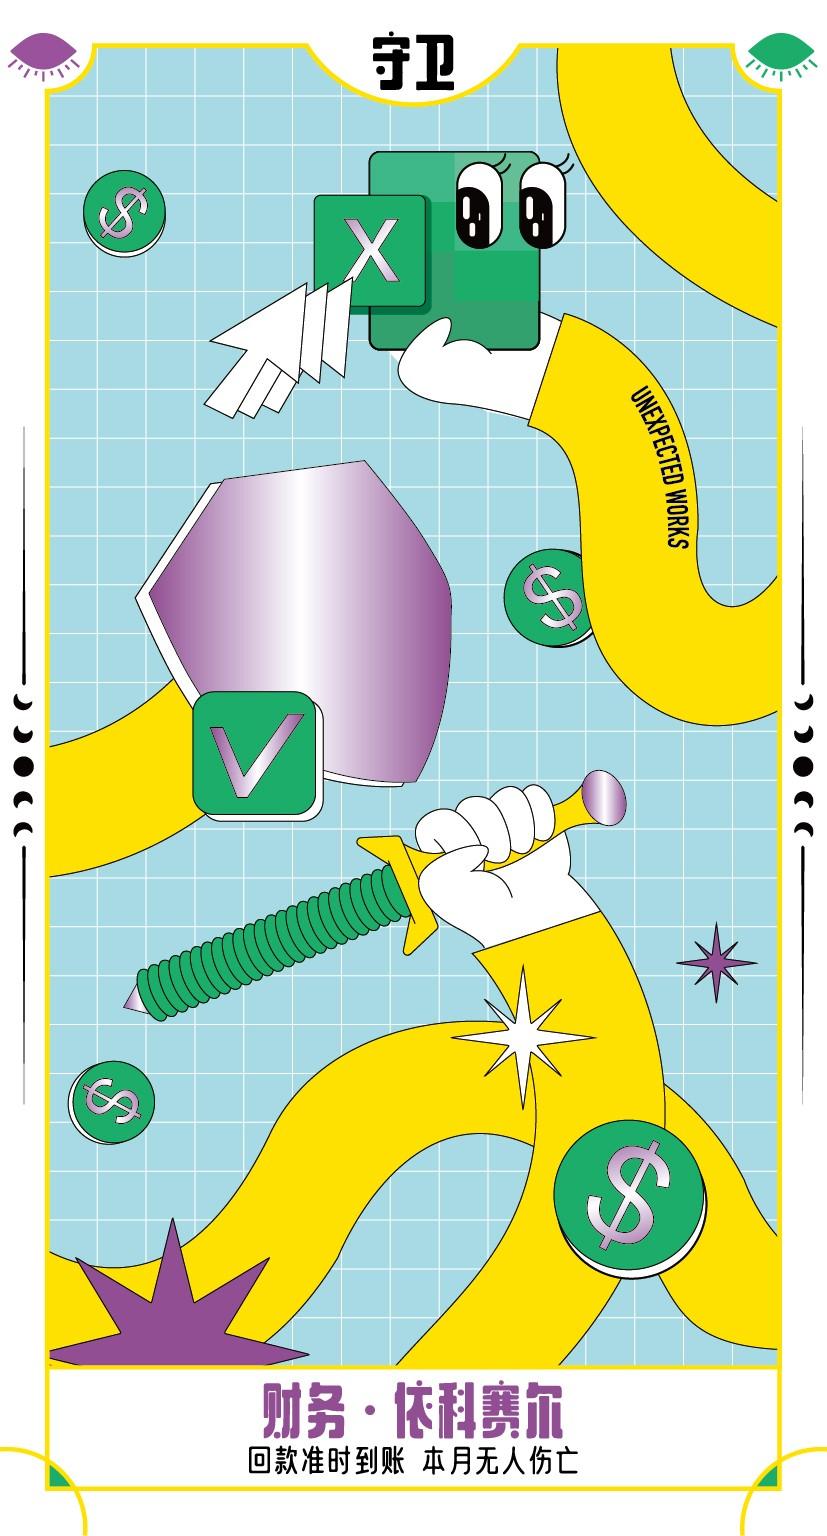 卡牌_画板 1 副本 4.jpg